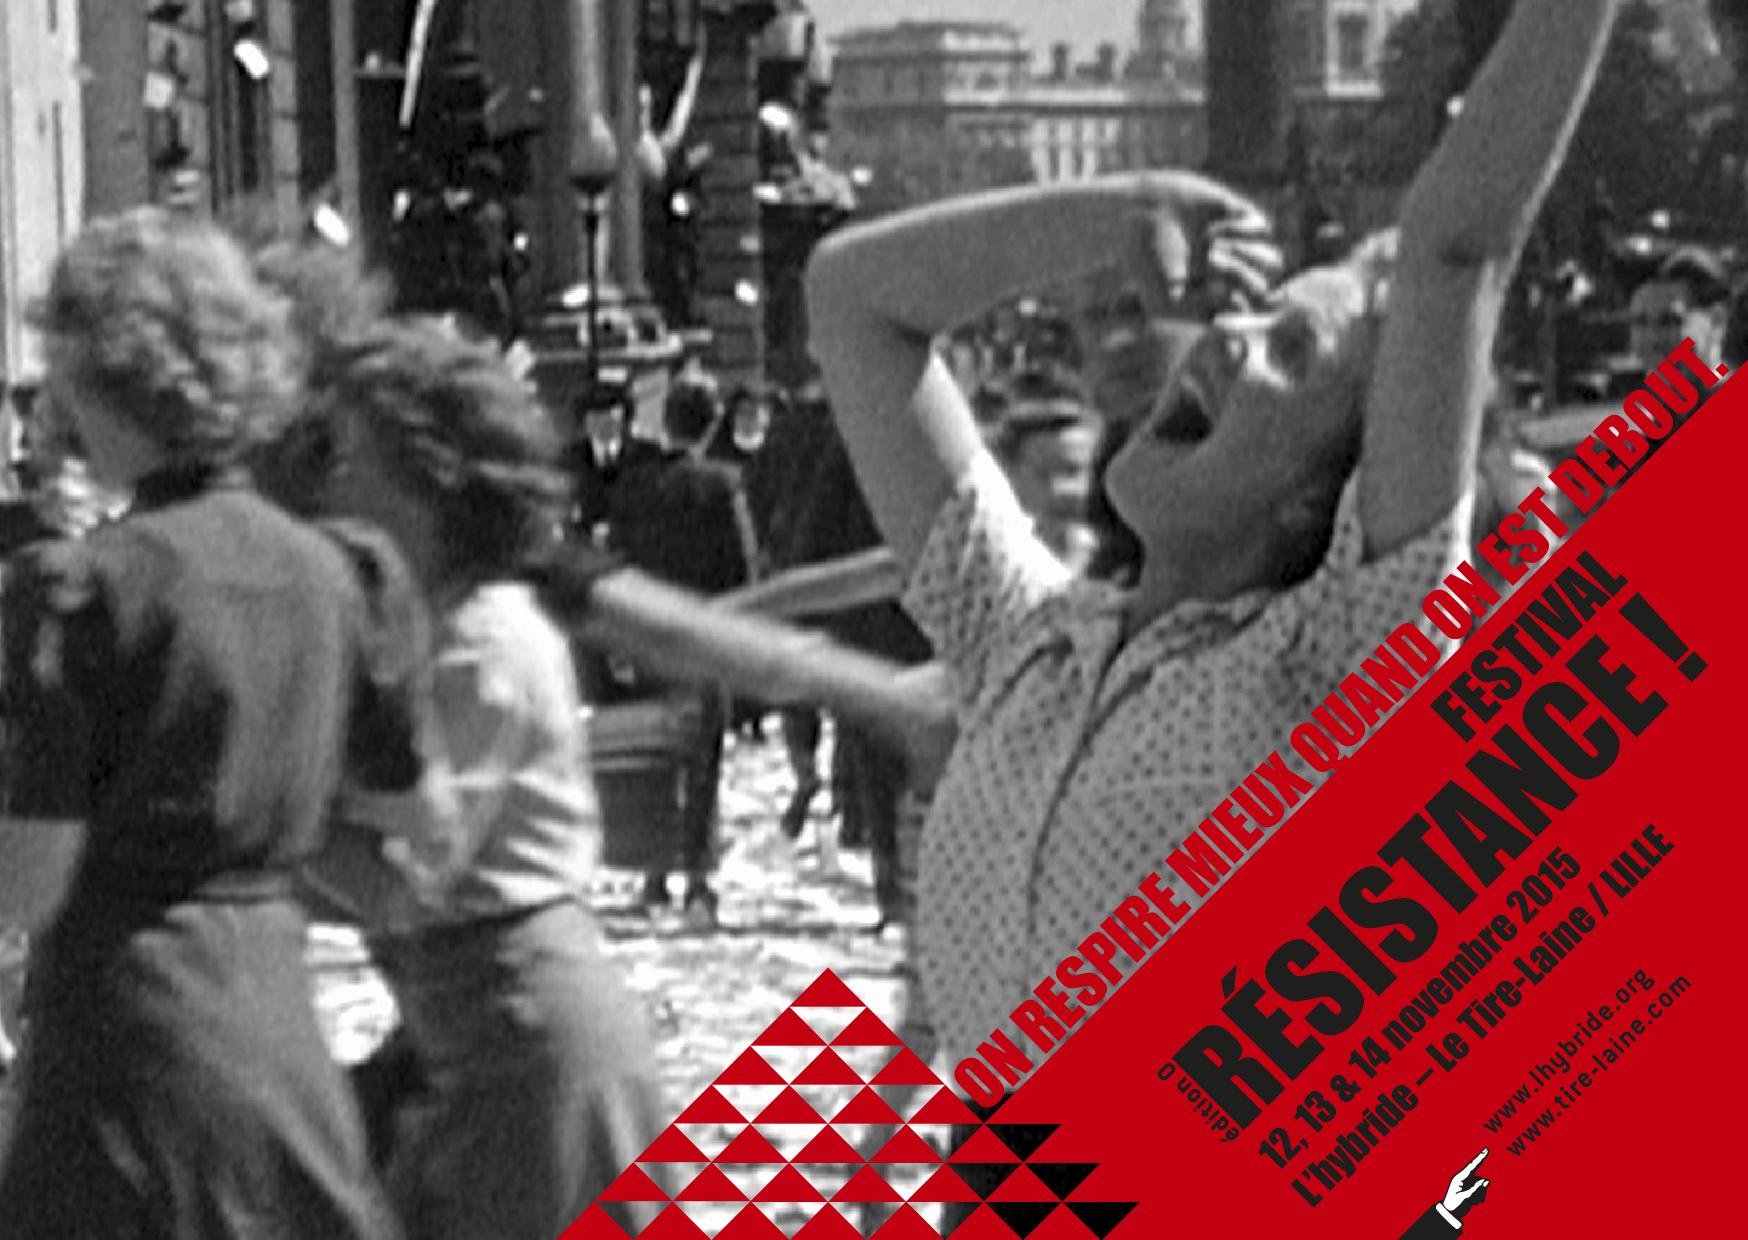 Festival des Résistances Lille